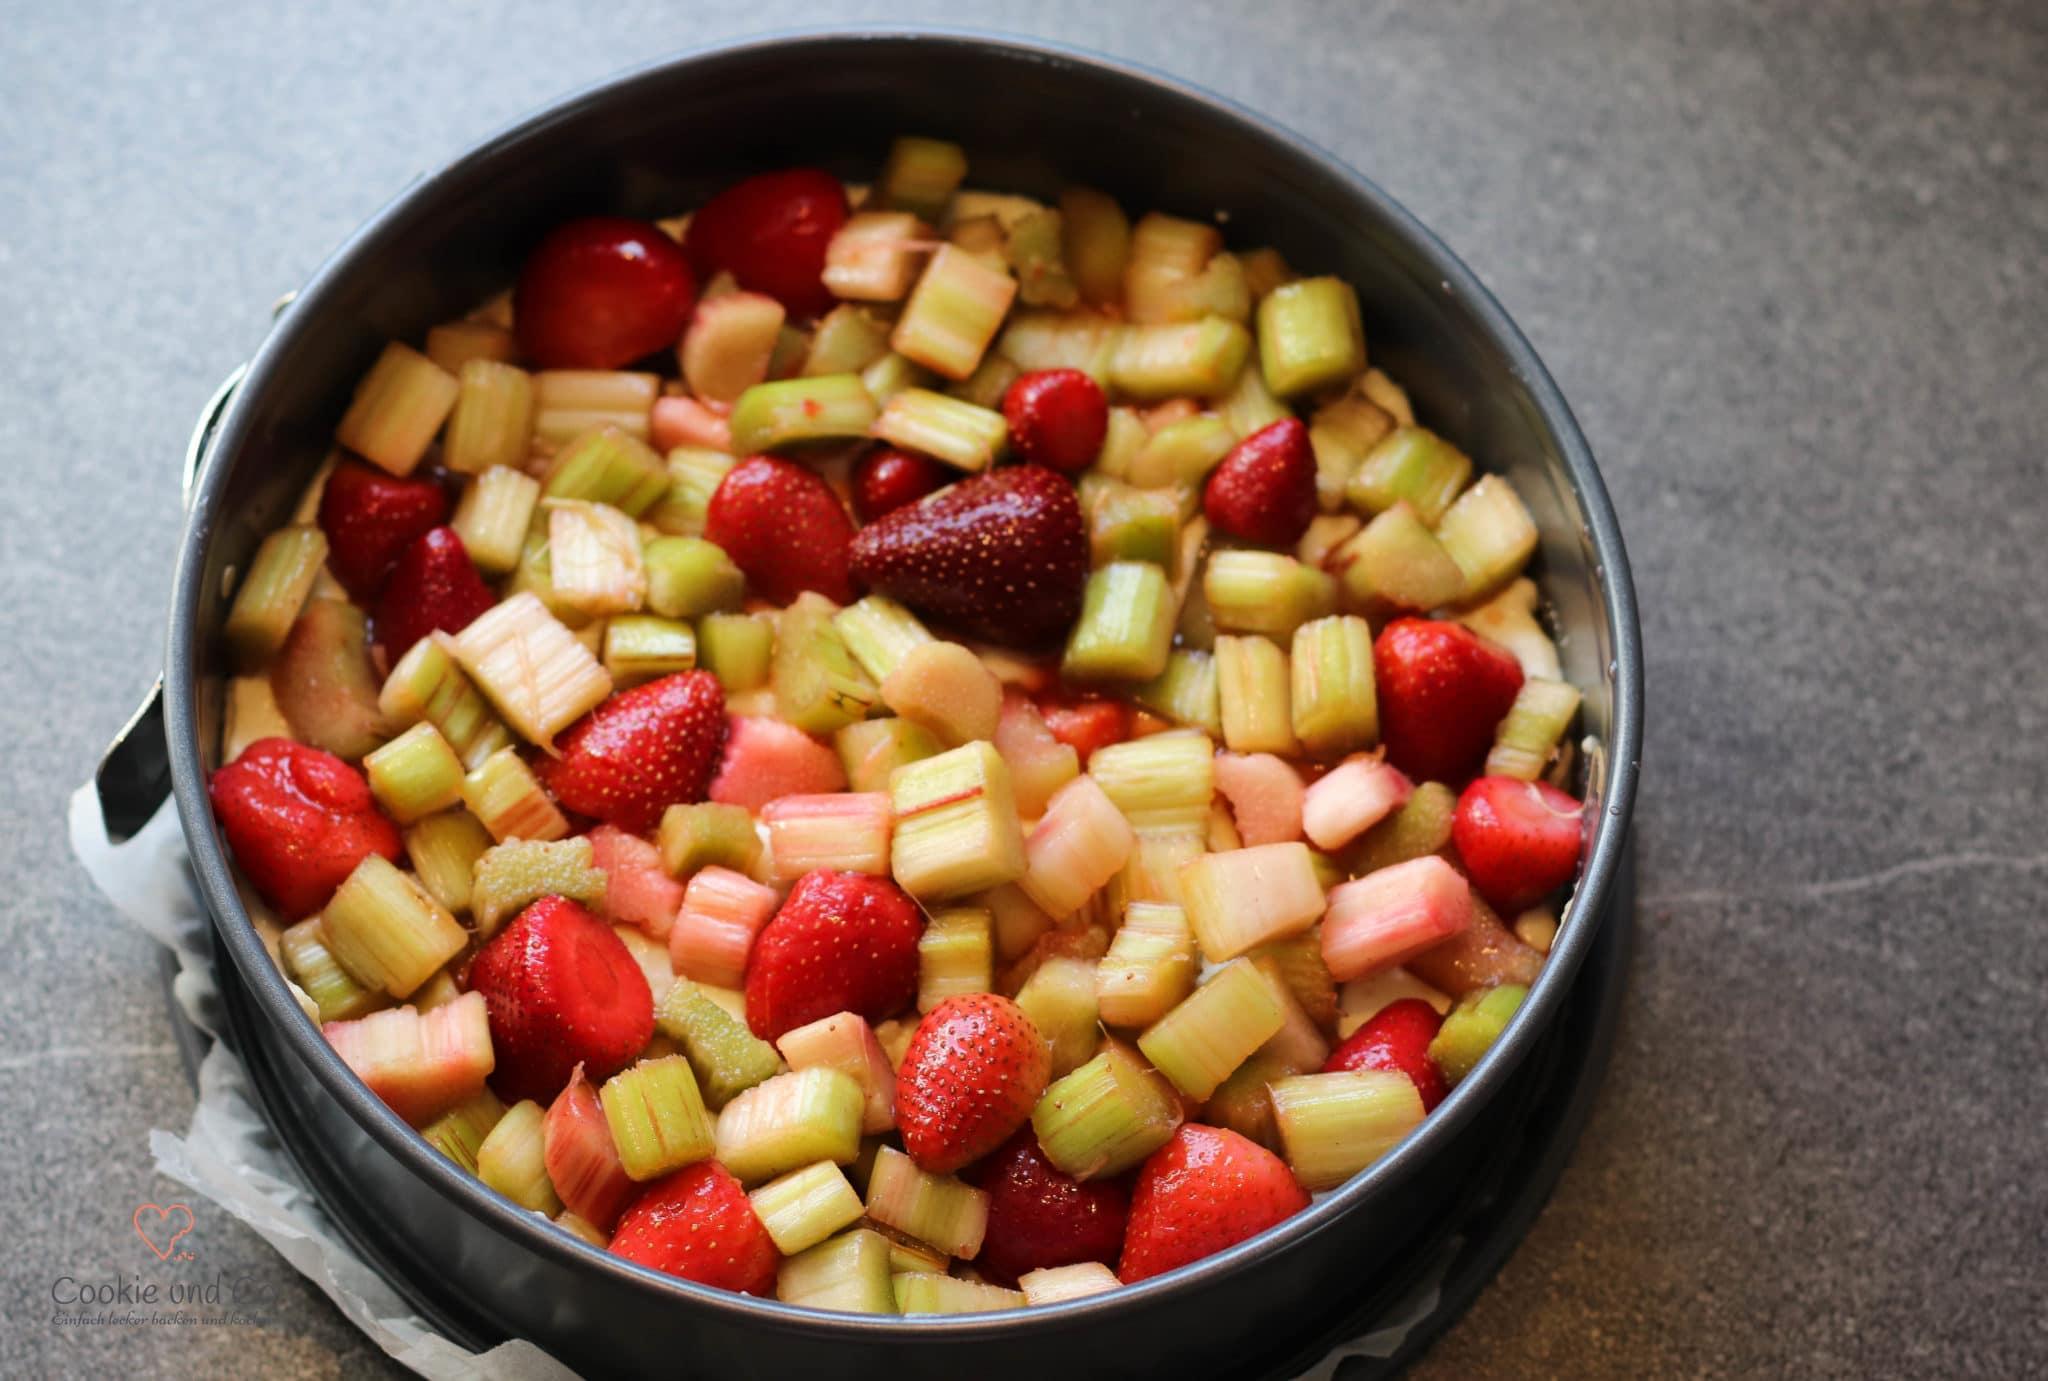 Rhabarber-Streuselkuchen mit Pudding